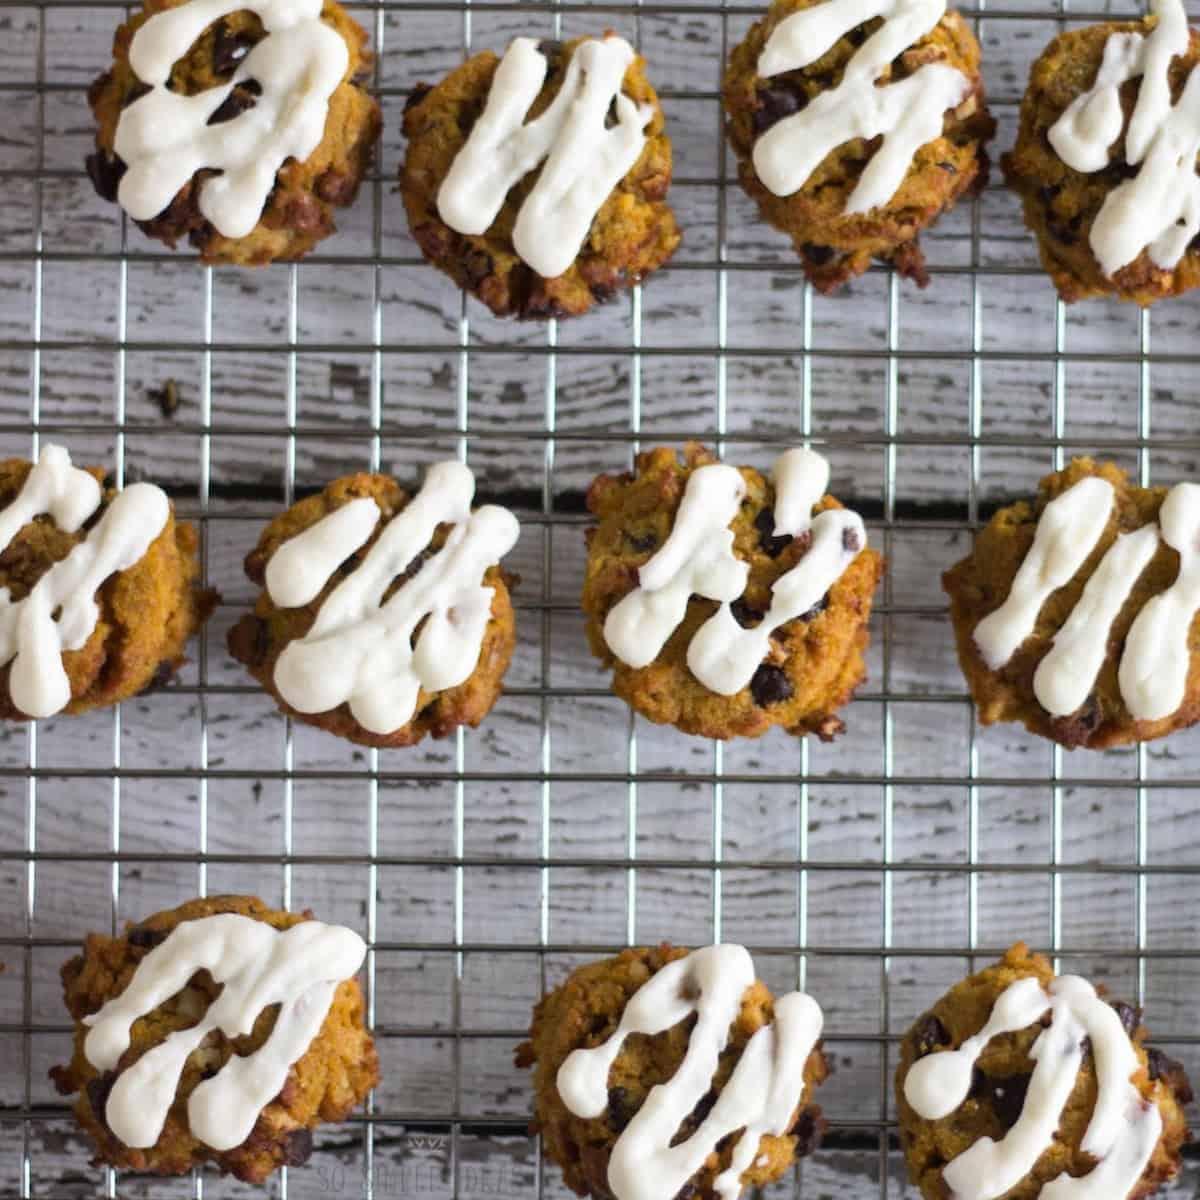 glazed cookies on rack